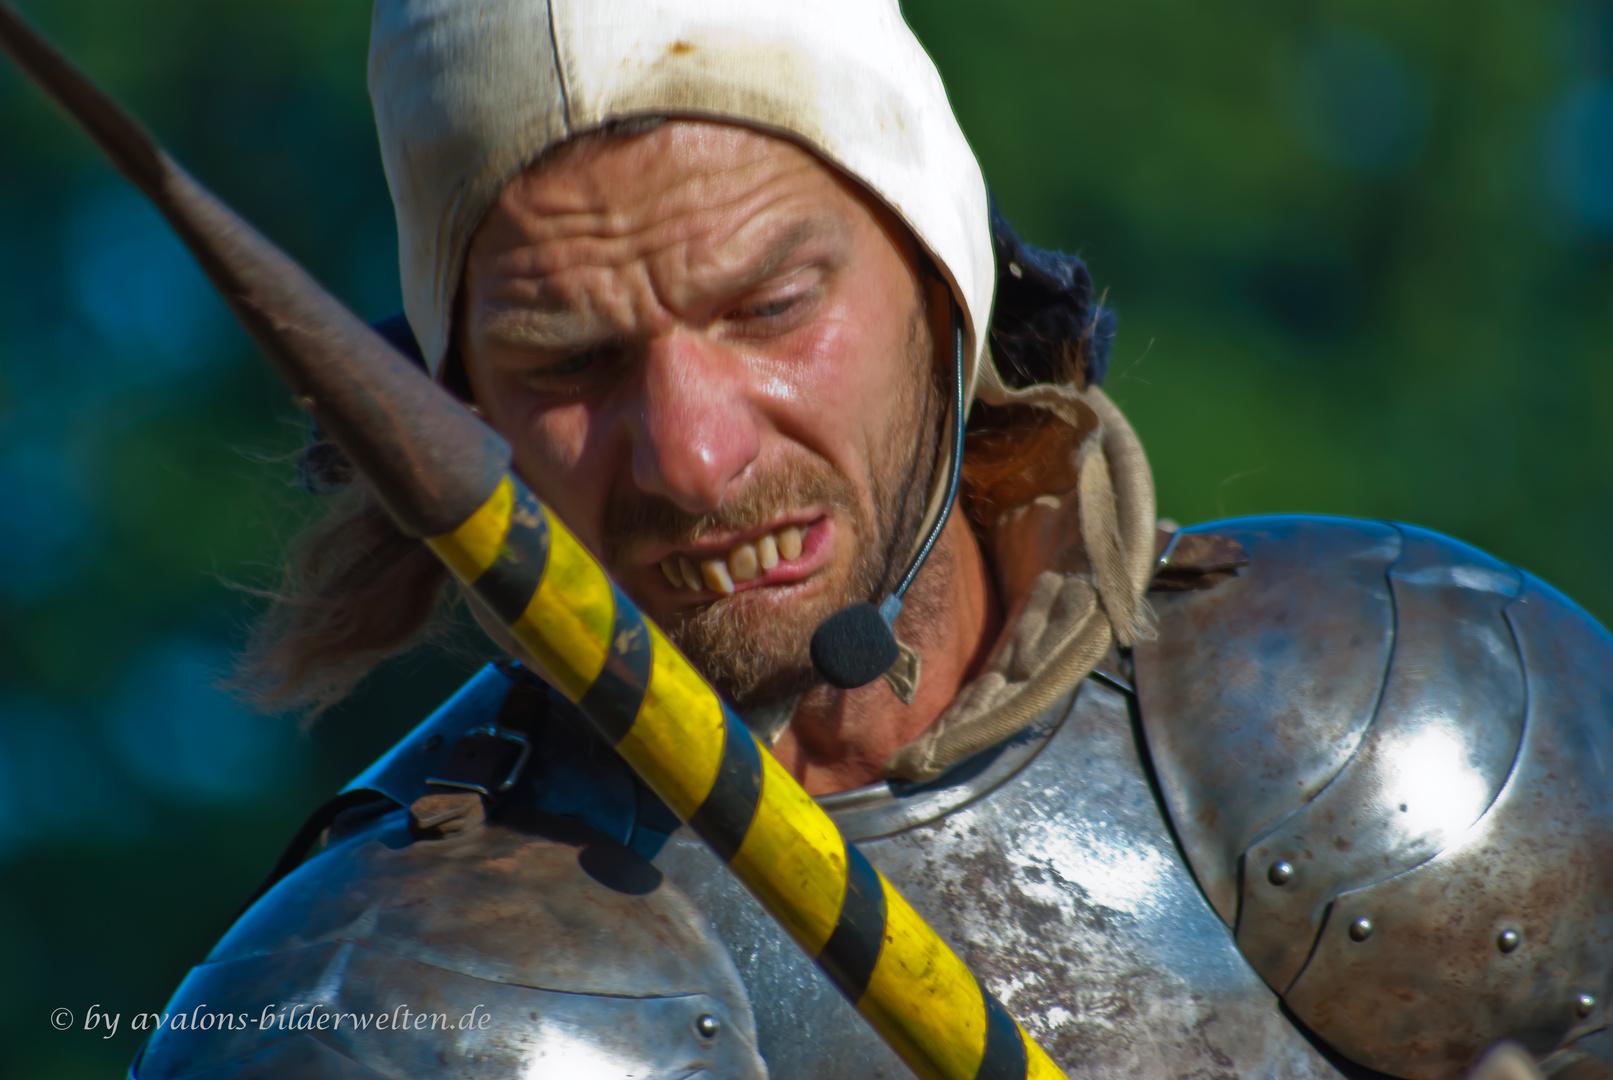 Ein Ritter der Kronen im Kampf